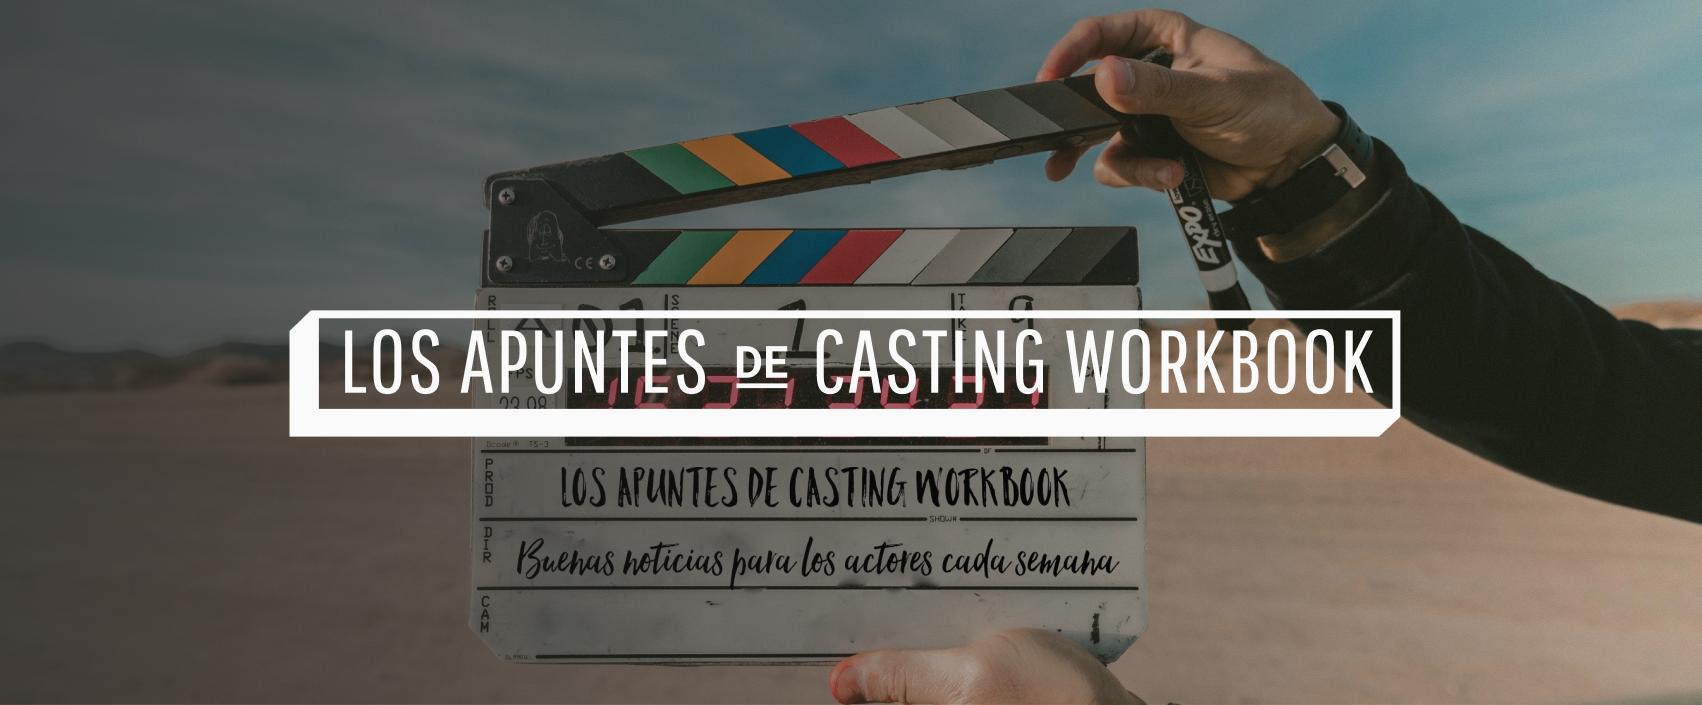 Los Apuntes de Casting Workbook